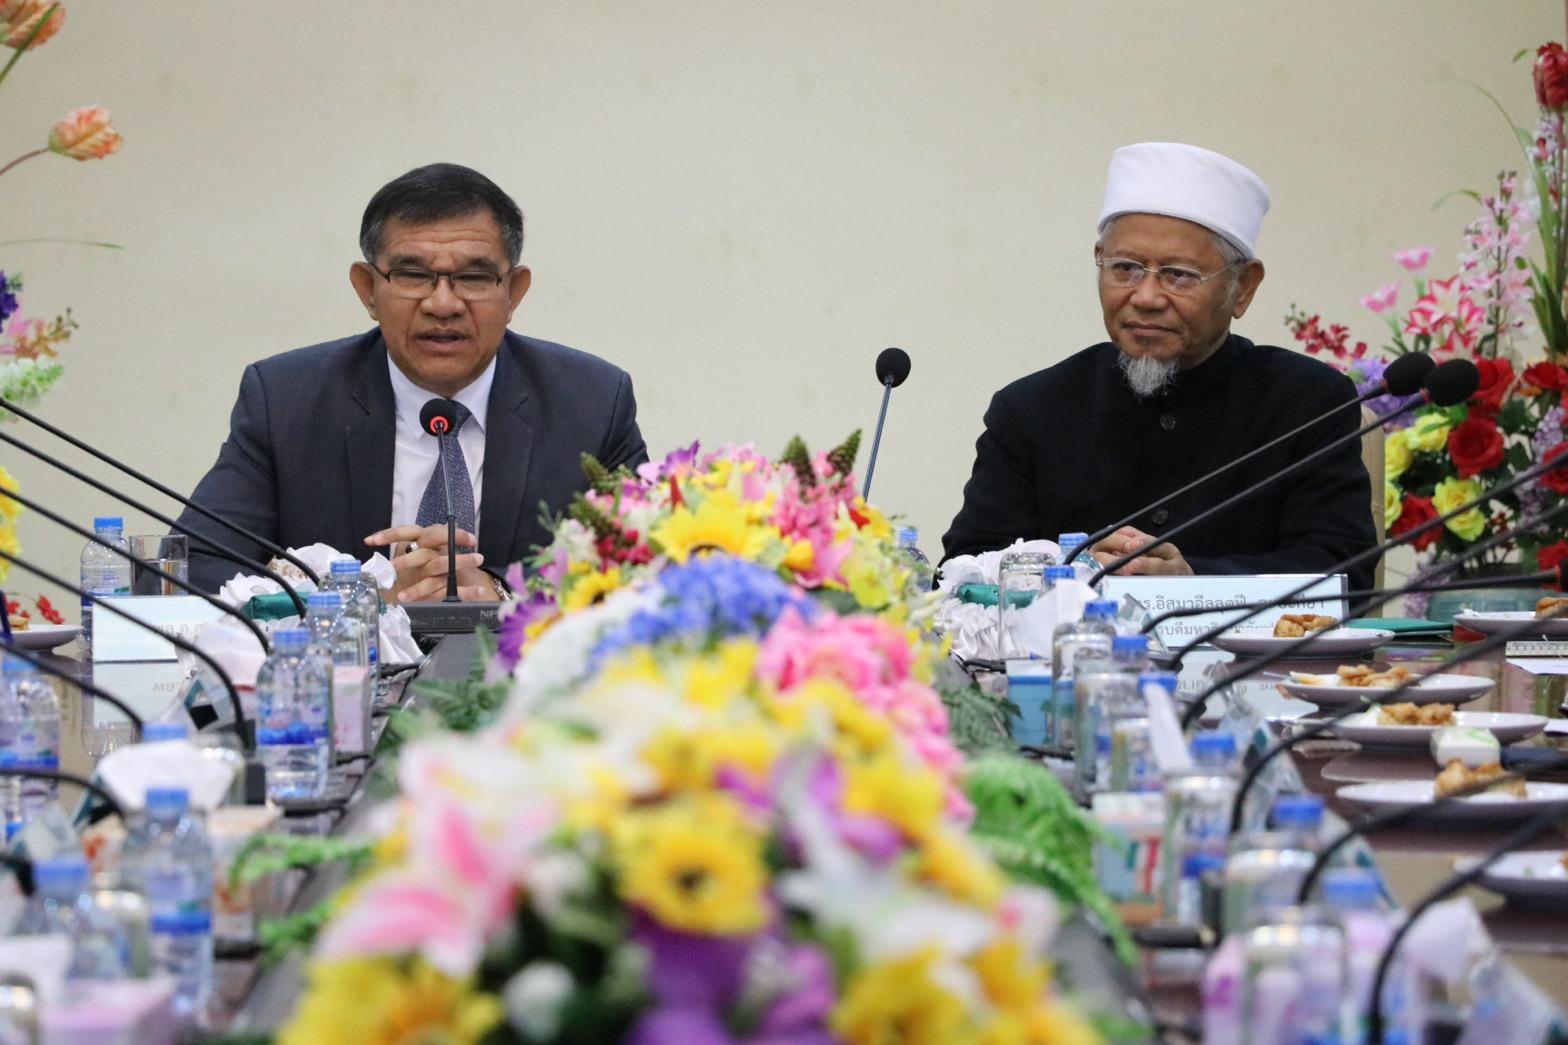 """หัวหน้าผู้แทนพิเศษของรัฐบาล """"เร่งขับเคลื่อนให้เกิดการเรียนรู้ร่วมกัน เพื่อนำไปสู่การอยู่ร่วมกันอย่างสันติสุข""""  ตามนโยบายรัฐบาล"""